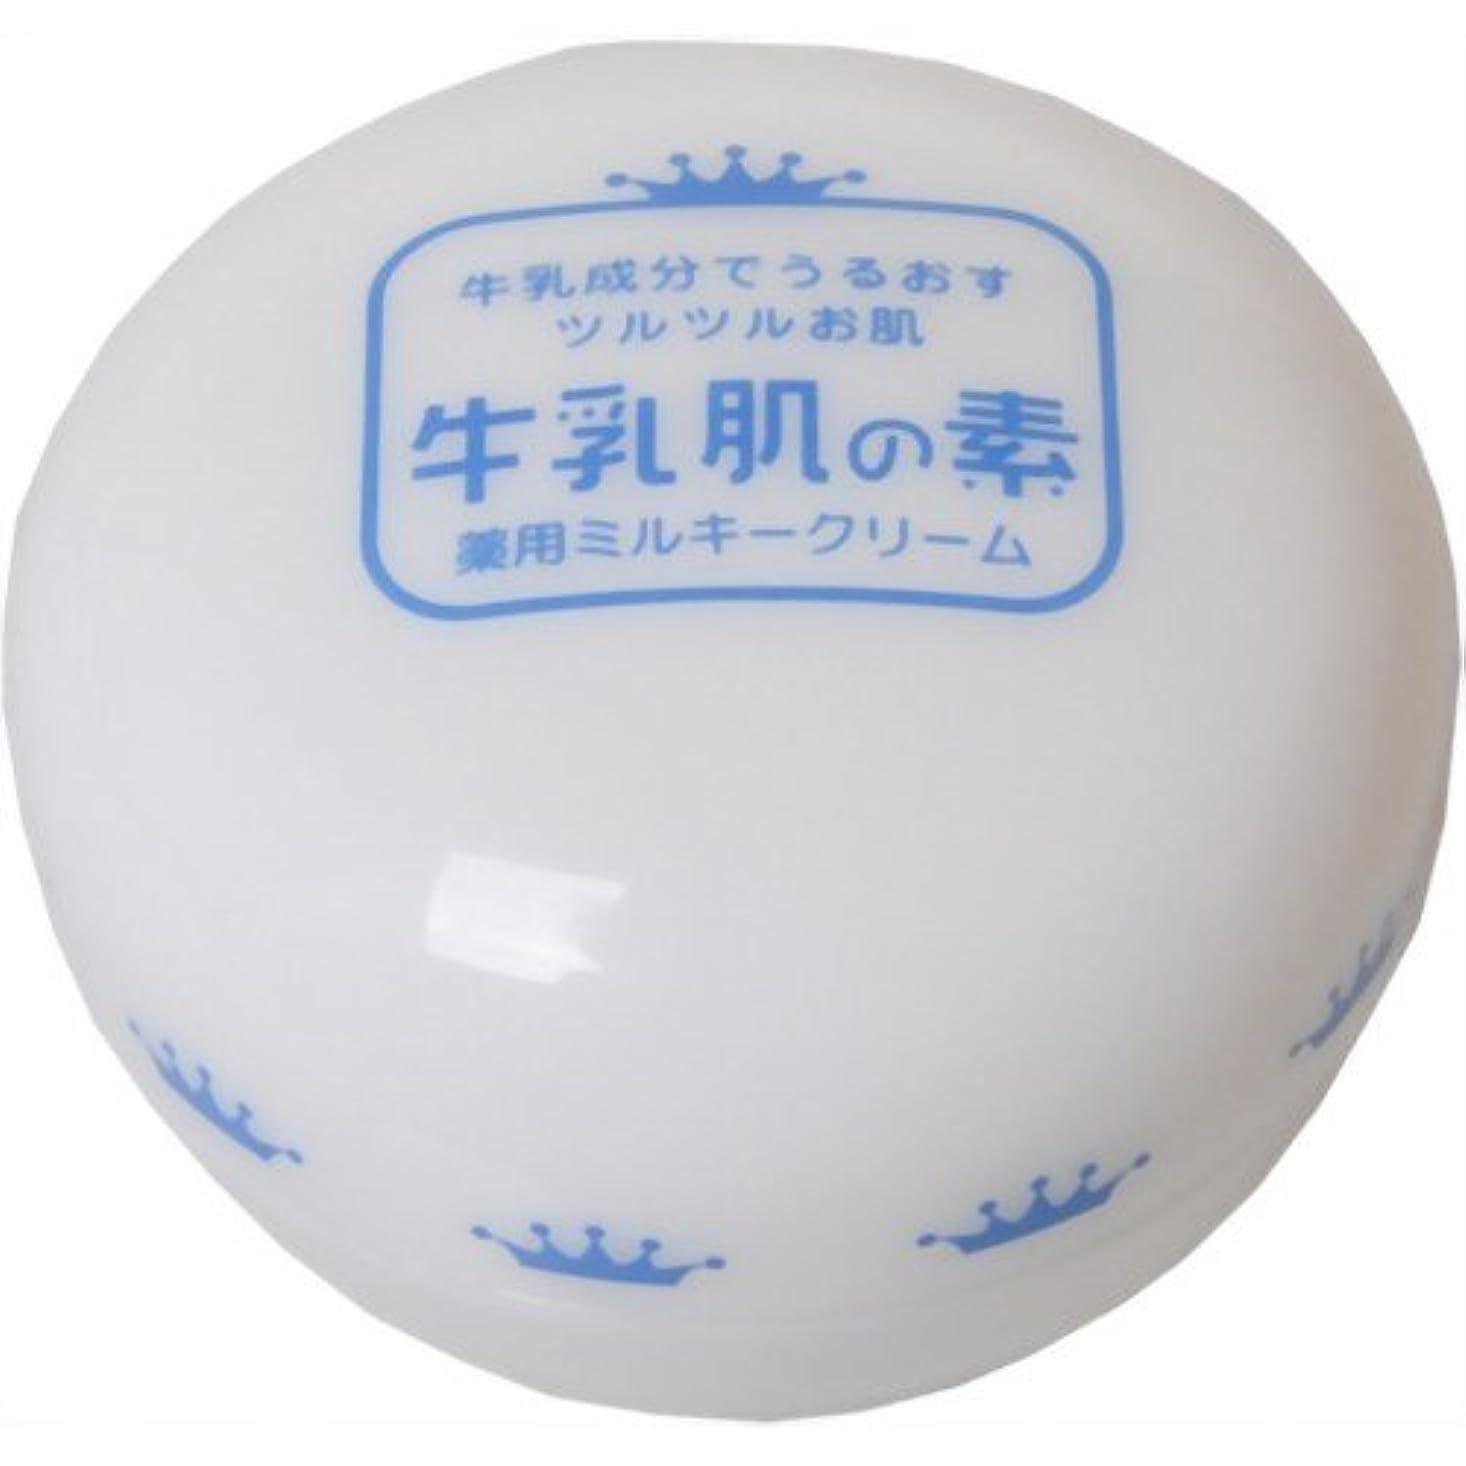 使役動かす血色の良い牛乳肌の素 薬用ミルキークリーム 20g